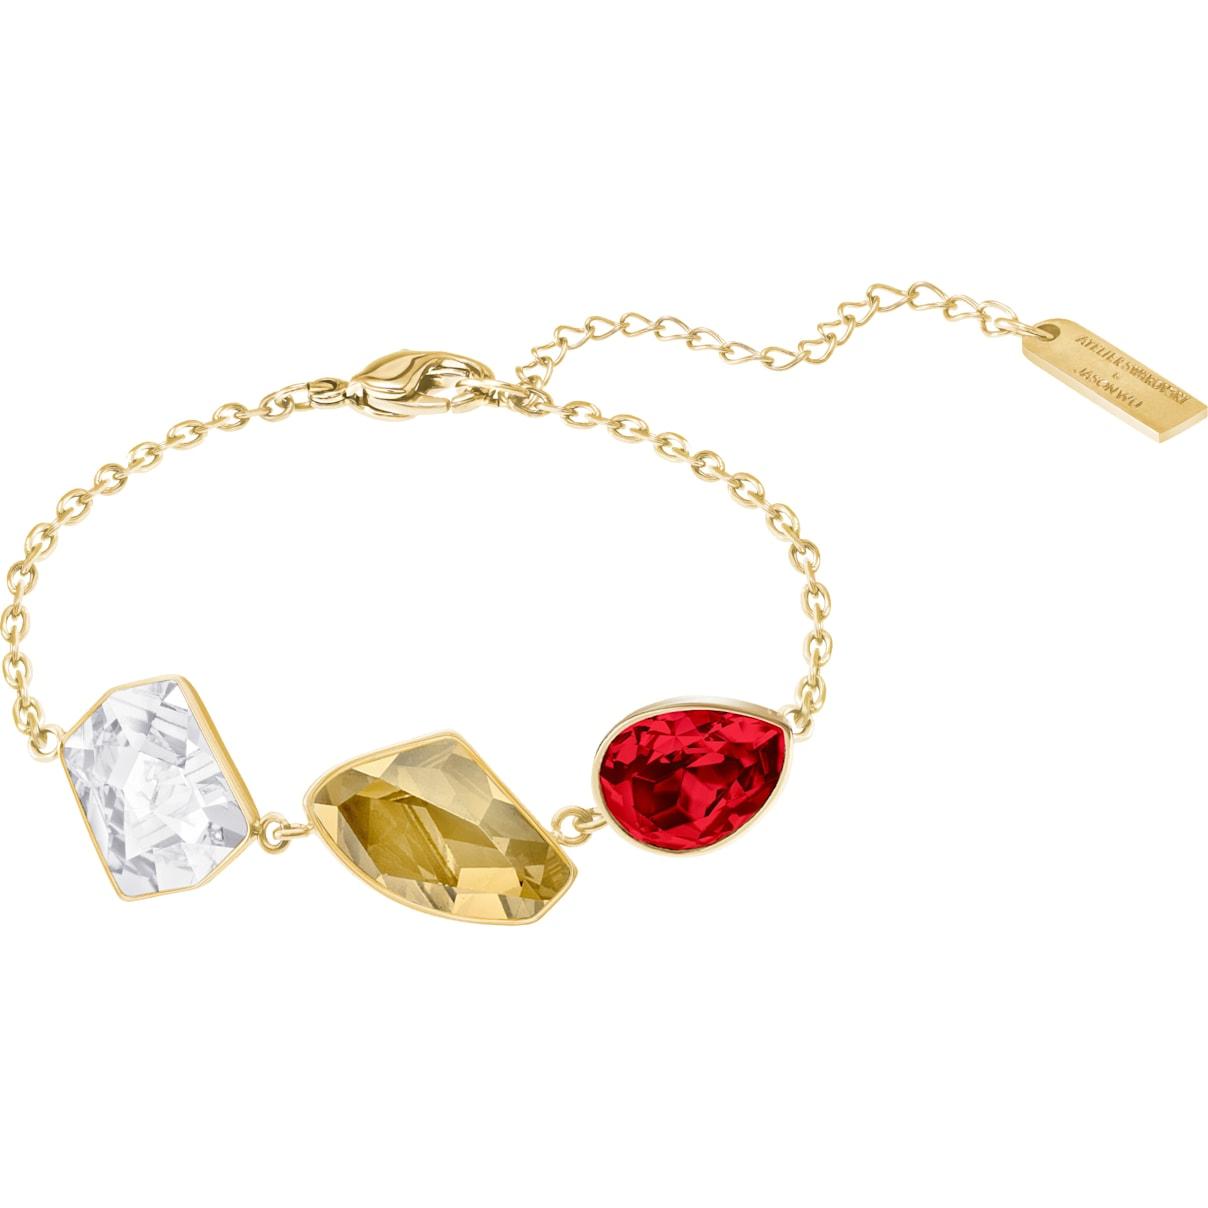 Swarovski Prisma Bracelet, Multi-colored, Gold-tone plated